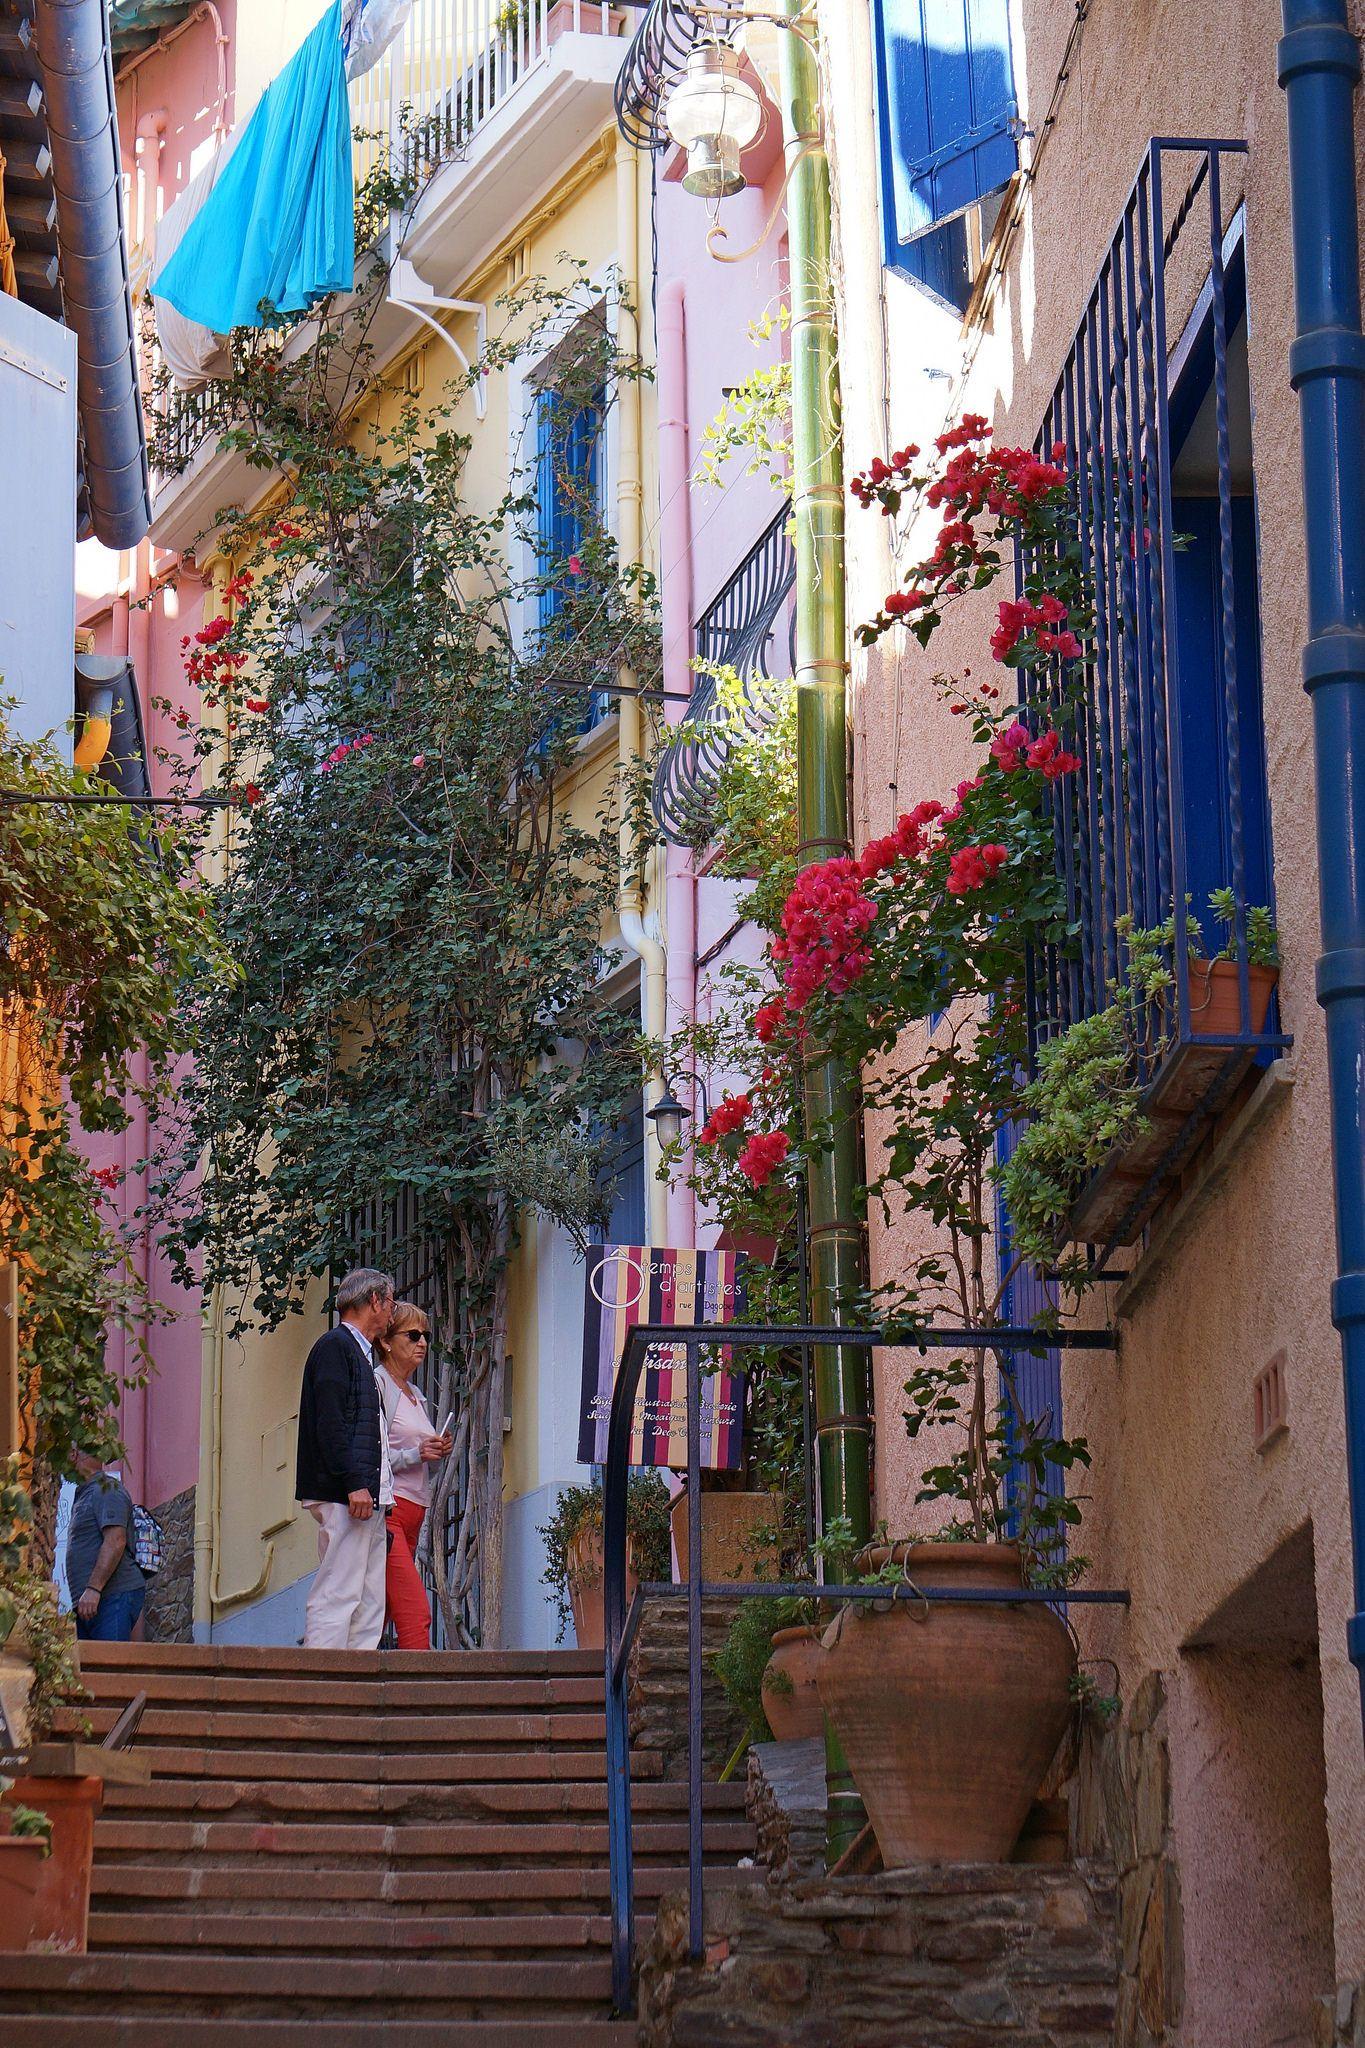 Les Ruelles De Collioure, Sont Magnifiques, Très Colorées, Agréables à  Arpenter, Galeries